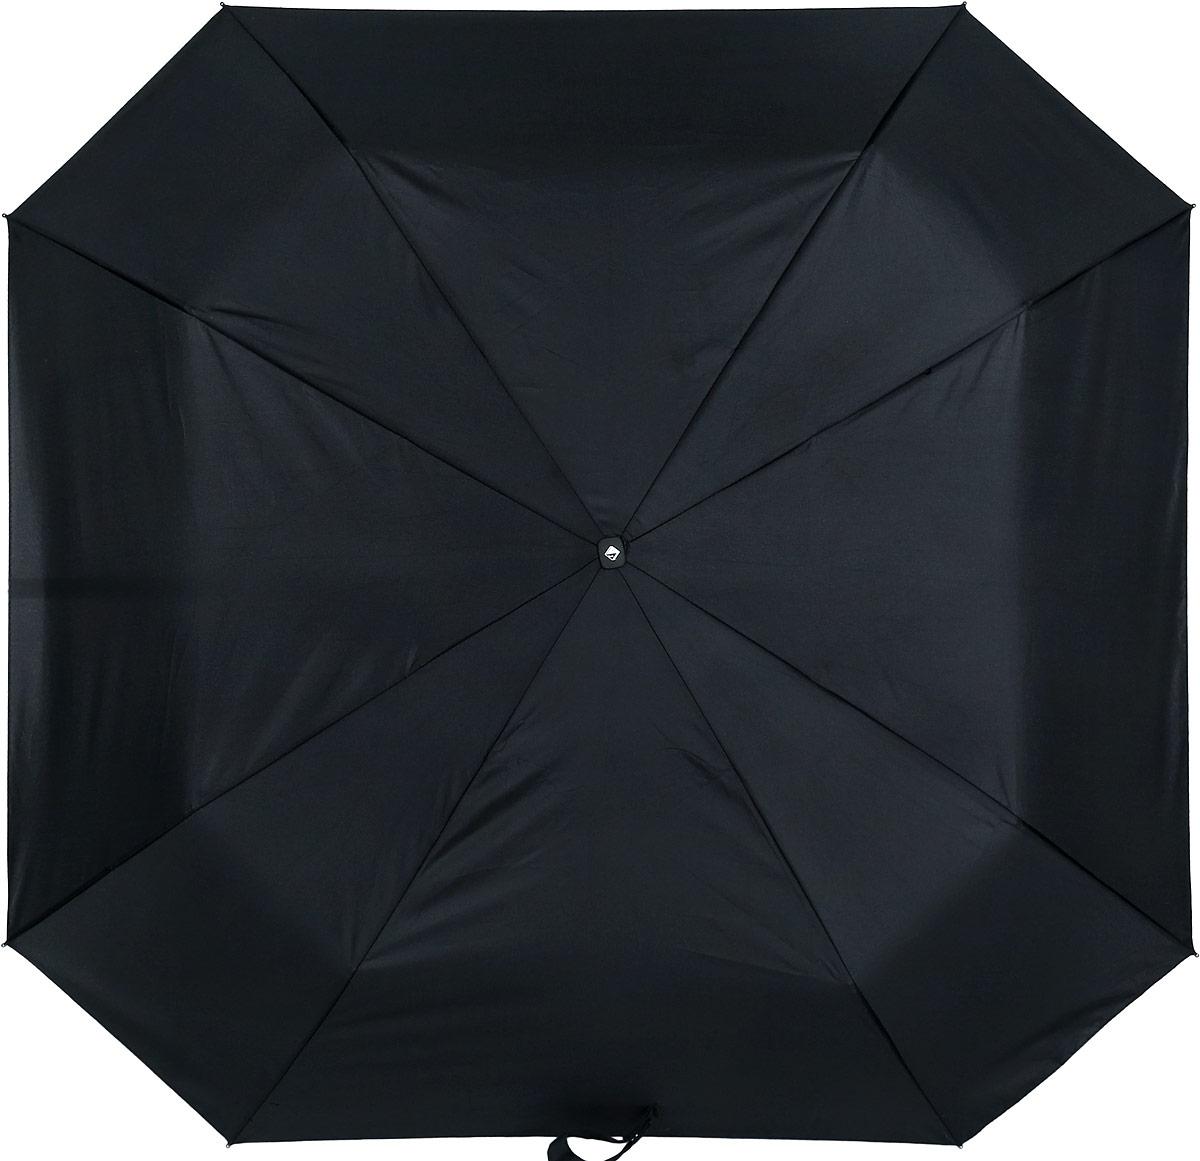 Зонт мужской Flioraj, автомат, 3 сложения, цвет: черный. 010100-Т FJ010100-Т FJПрактичный автоматический зонт Flioraj с квадратным куполом из прочного полиэстера защитит вас в ненастную погоду. Зонт оснащен надежным каркасом с восьмью спицами. Зонт имеет автоматический механизм сложения: купол открывается и закрывается нажатием кнопки на рукоятке, стержень складывается вручную до характерного щелчка, благодаря чему открыть зонт можно одной рукой, что чрезвычайно удобно при выходе из транспорта или помещения. Эргономичная рукоятка из пластика дополнена петлей. К зонту прилагается чехол и фирменная упаковка.